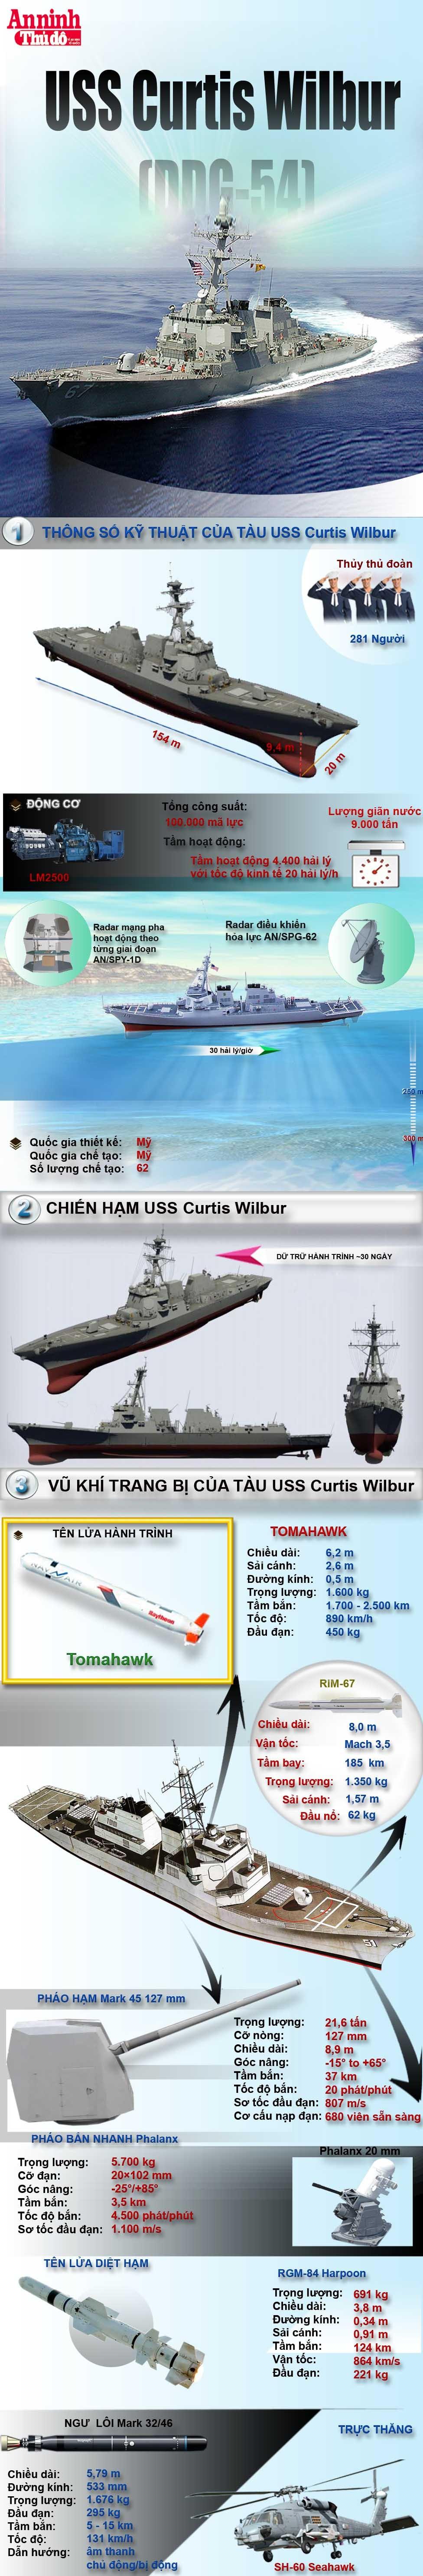 [Infographic] Sức mạnh khủng khiếp của khu trục hạm tên lửa Mỹ áp sát Hoàng Sa ảnh 2